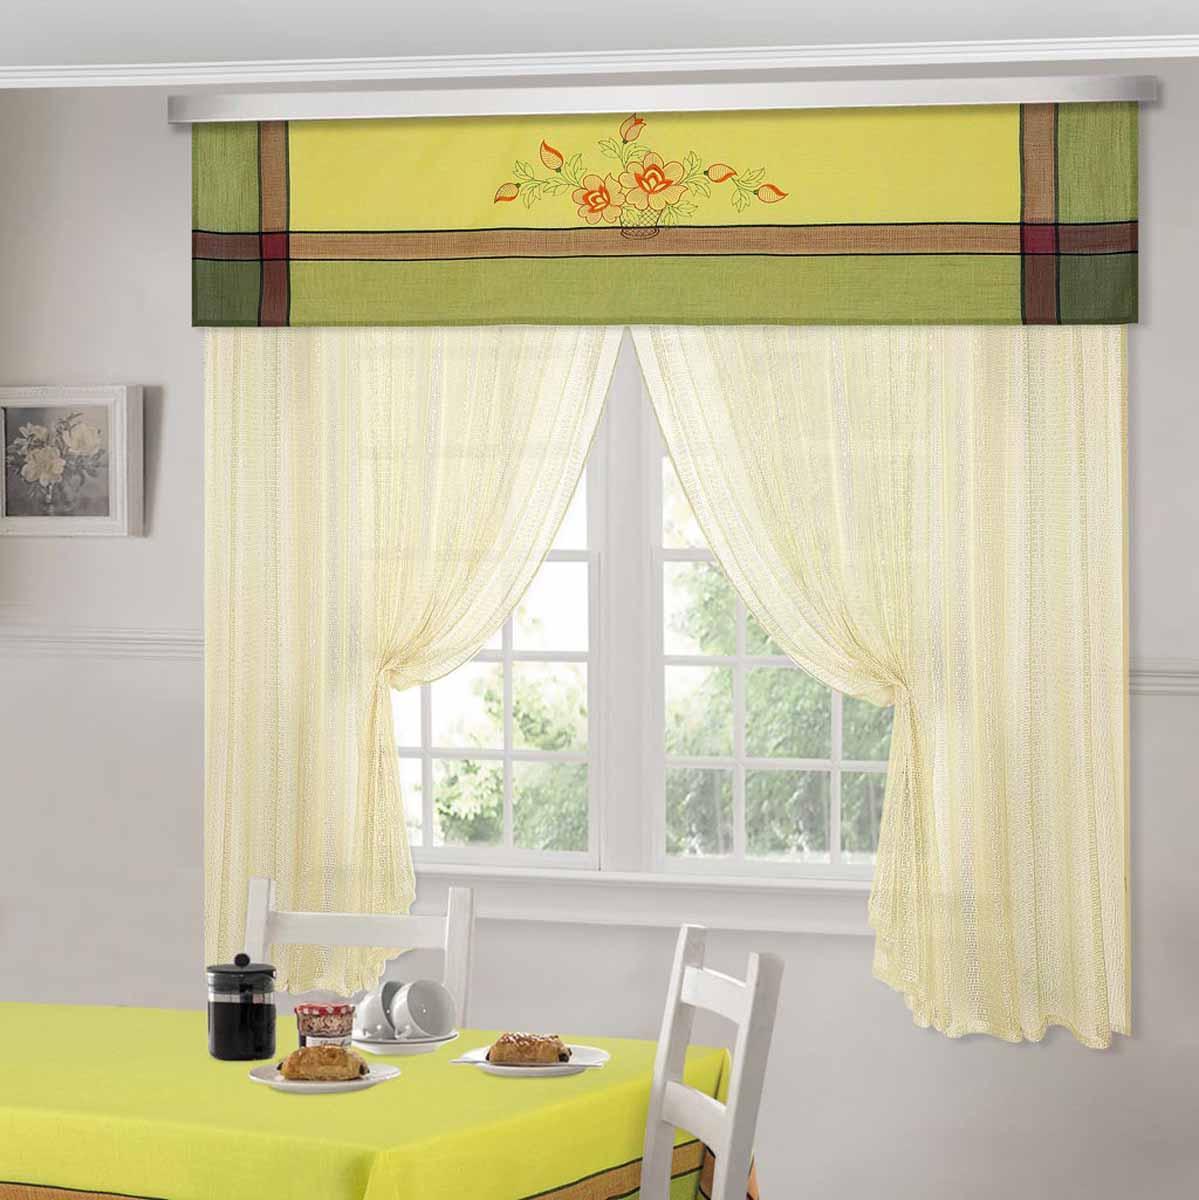 Комплект штор ТД Текстиль Шик, на ленте, цвет: фисташковый, высота 180 см. 9252610503Шторы выполнены из искусственной ткани под лен. Цвета в ассортименте. В наличии присутствуют скатерти из этой же ткани в двух размерах.